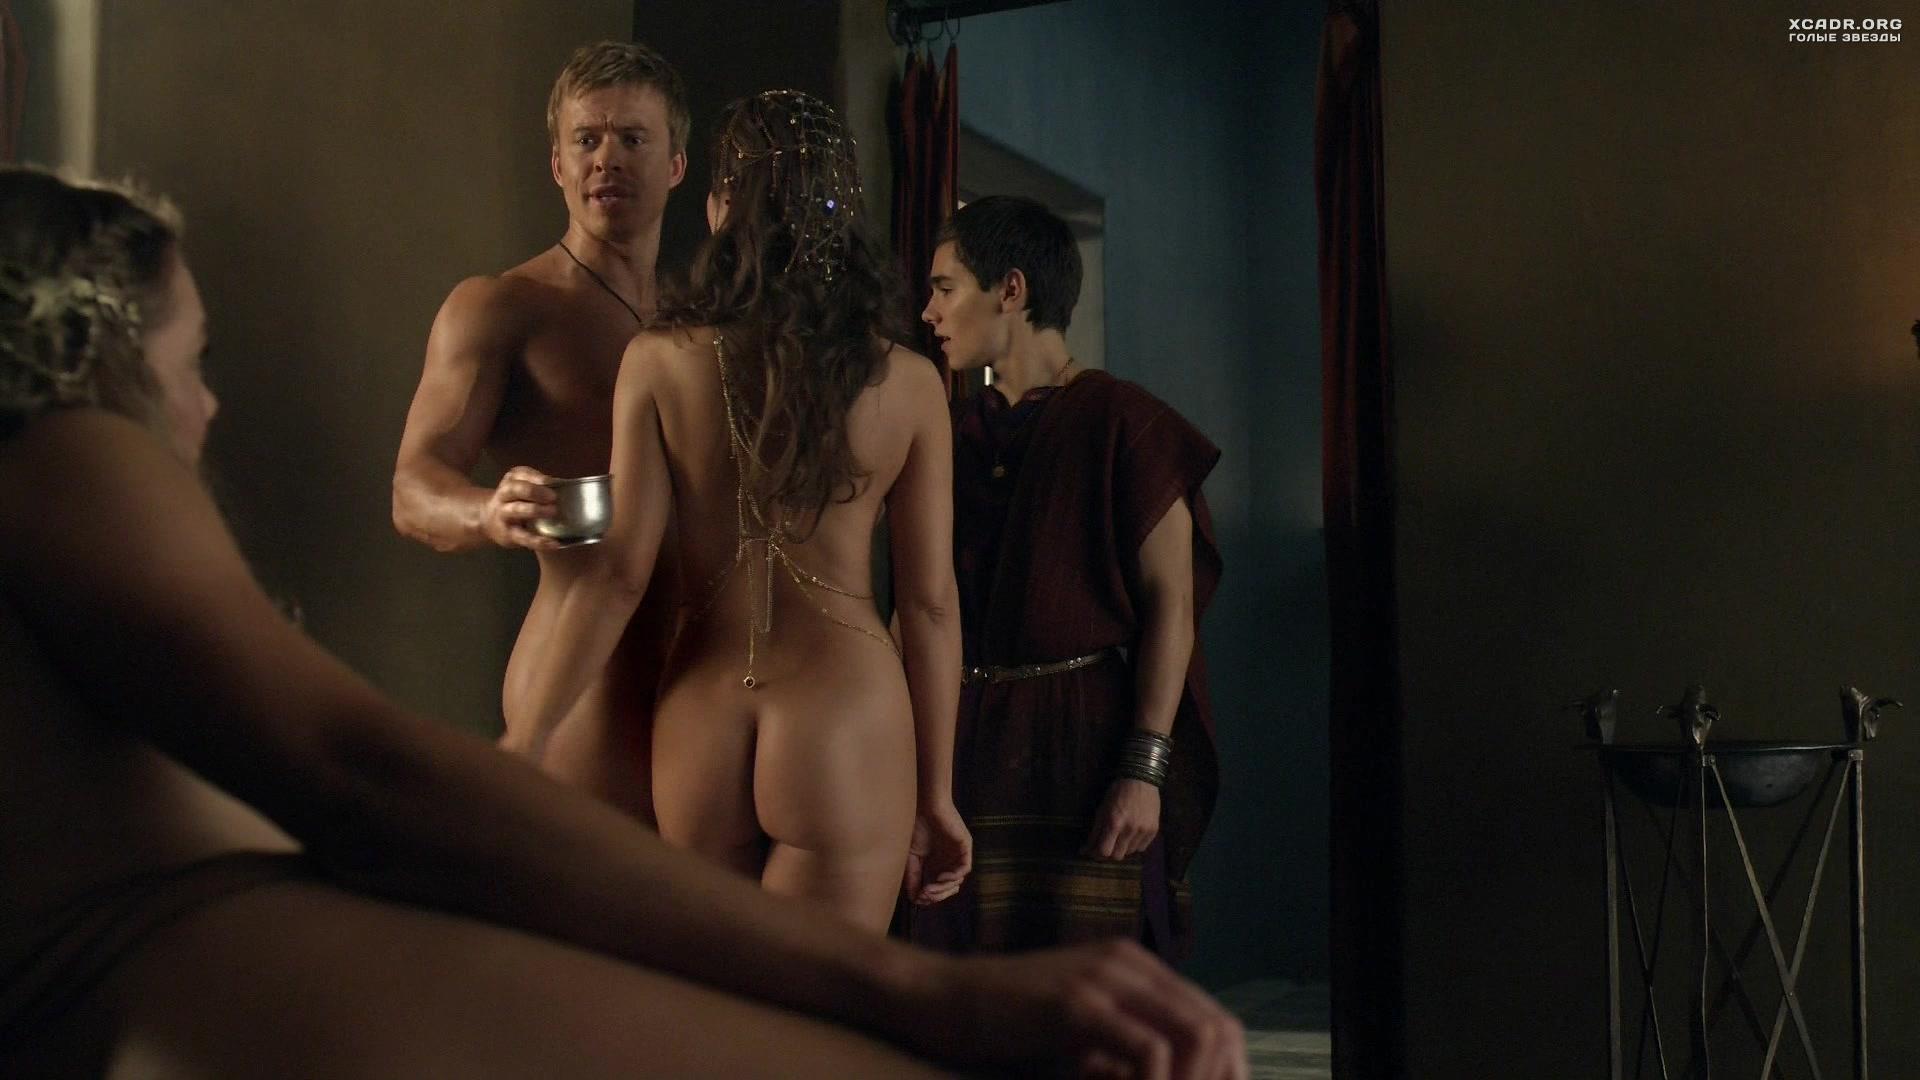 Зарубежные порноФИЛЬМЫ в хорошем качестве с субтитрами ...